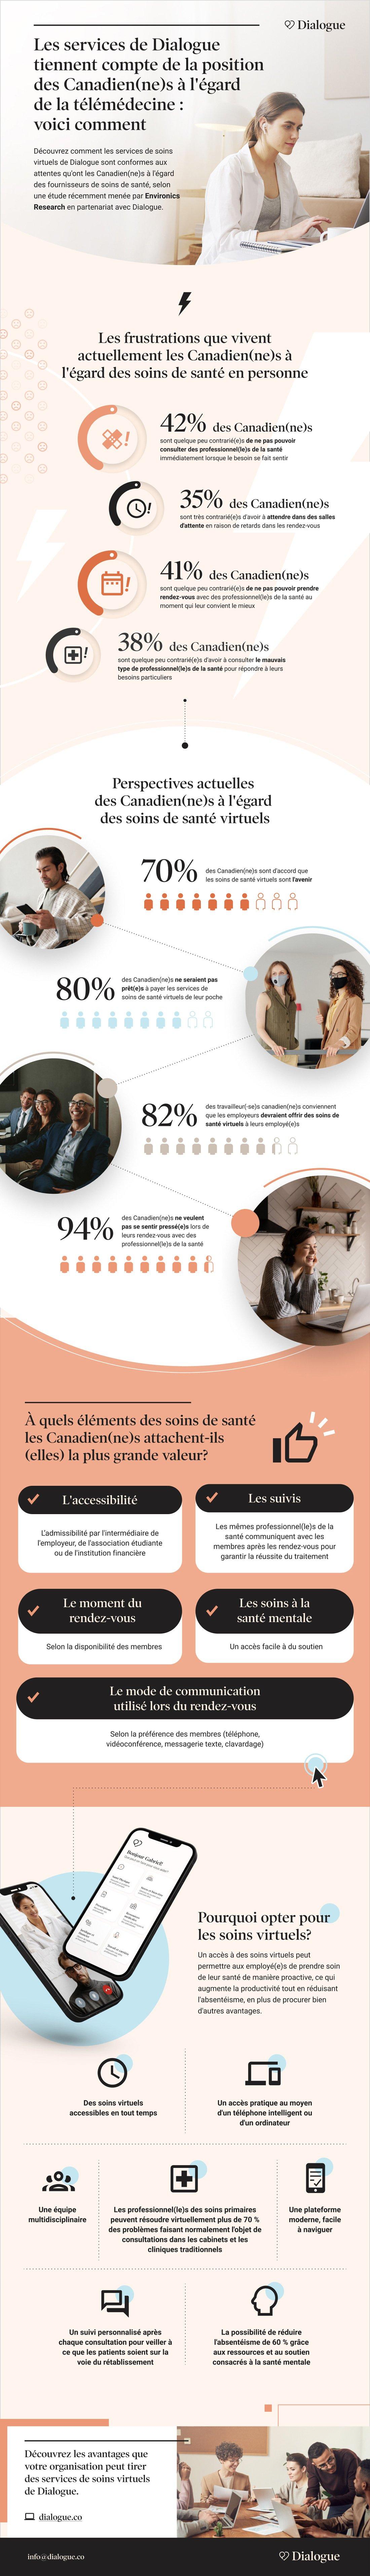 Les services de Dialogue tiennent compte de la position des Canadien(ne)s à l'égard de la télémédecine